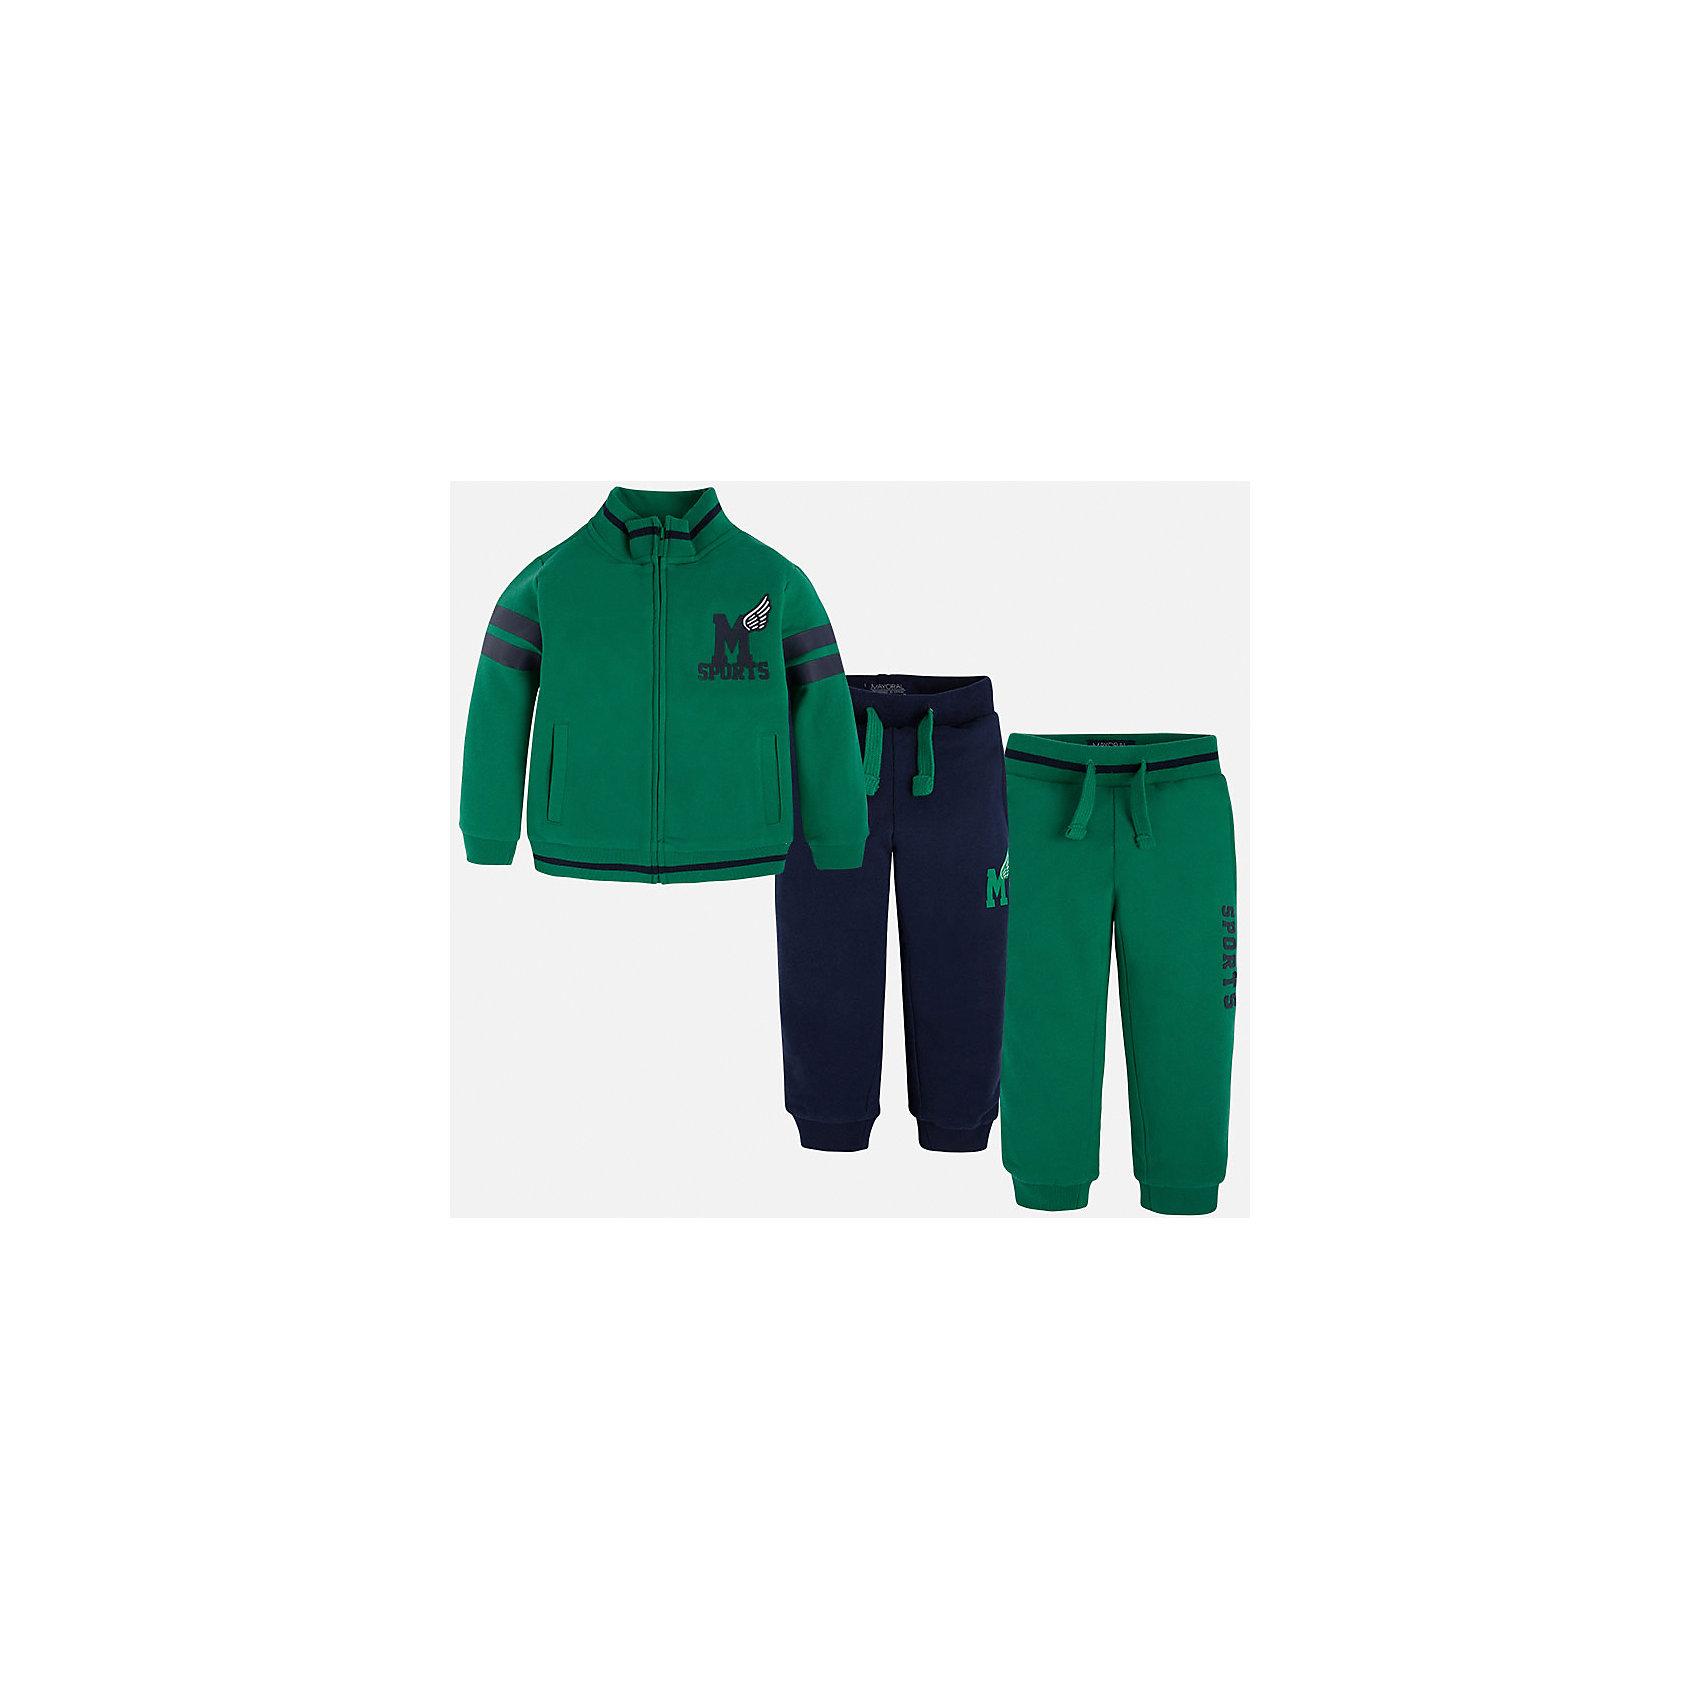 Спортивный костюм для мальчика MayoralУ каждого юного джентльмена должен быть полноценный спортивный костюм!<br><br>Дополнительная информация:<br><br>- В комплекте: спортивная куртка и брюки (2шт.)<br>- Крой: свободный крой.<br>- Страна бренда: Испания.<br>- Состав: хлопок 100%.<br>- Цвет: зеленый.<br>- Уход: бережная стирка при 30 градусах.<br><br>Купить спортивный костюм для мальчика Mayoral, можно в нашем магазине.<br><br>Ширина мм: 247<br>Глубина мм: 16<br>Высота мм: 140<br>Вес г: 225<br>Цвет: разноцветный<br>Возраст от месяцев: 108<br>Возраст до месяцев: 120<br>Пол: Мужской<br>Возраст: Детский<br>Размер: 134,128,122,110,104,98,116<br>SKU: 4826580